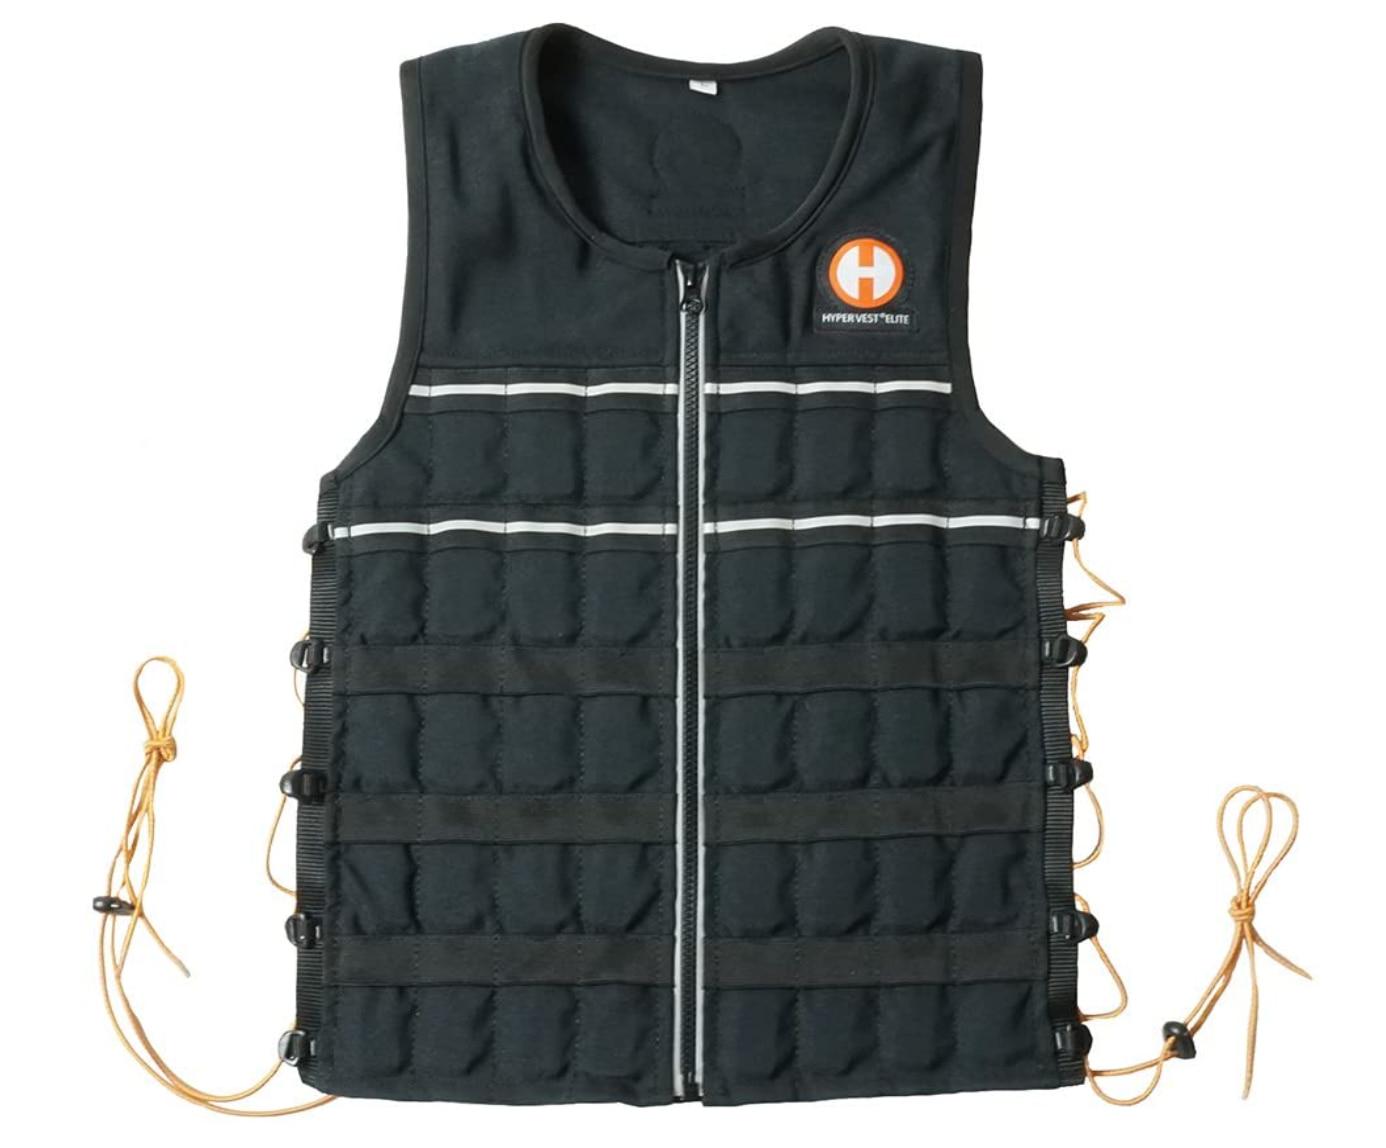 Ein absolutes Profi-Modell ist diese Hyper Vest für 240 Euro, die besonders eng am Körper anliegt. Foto: Amazon